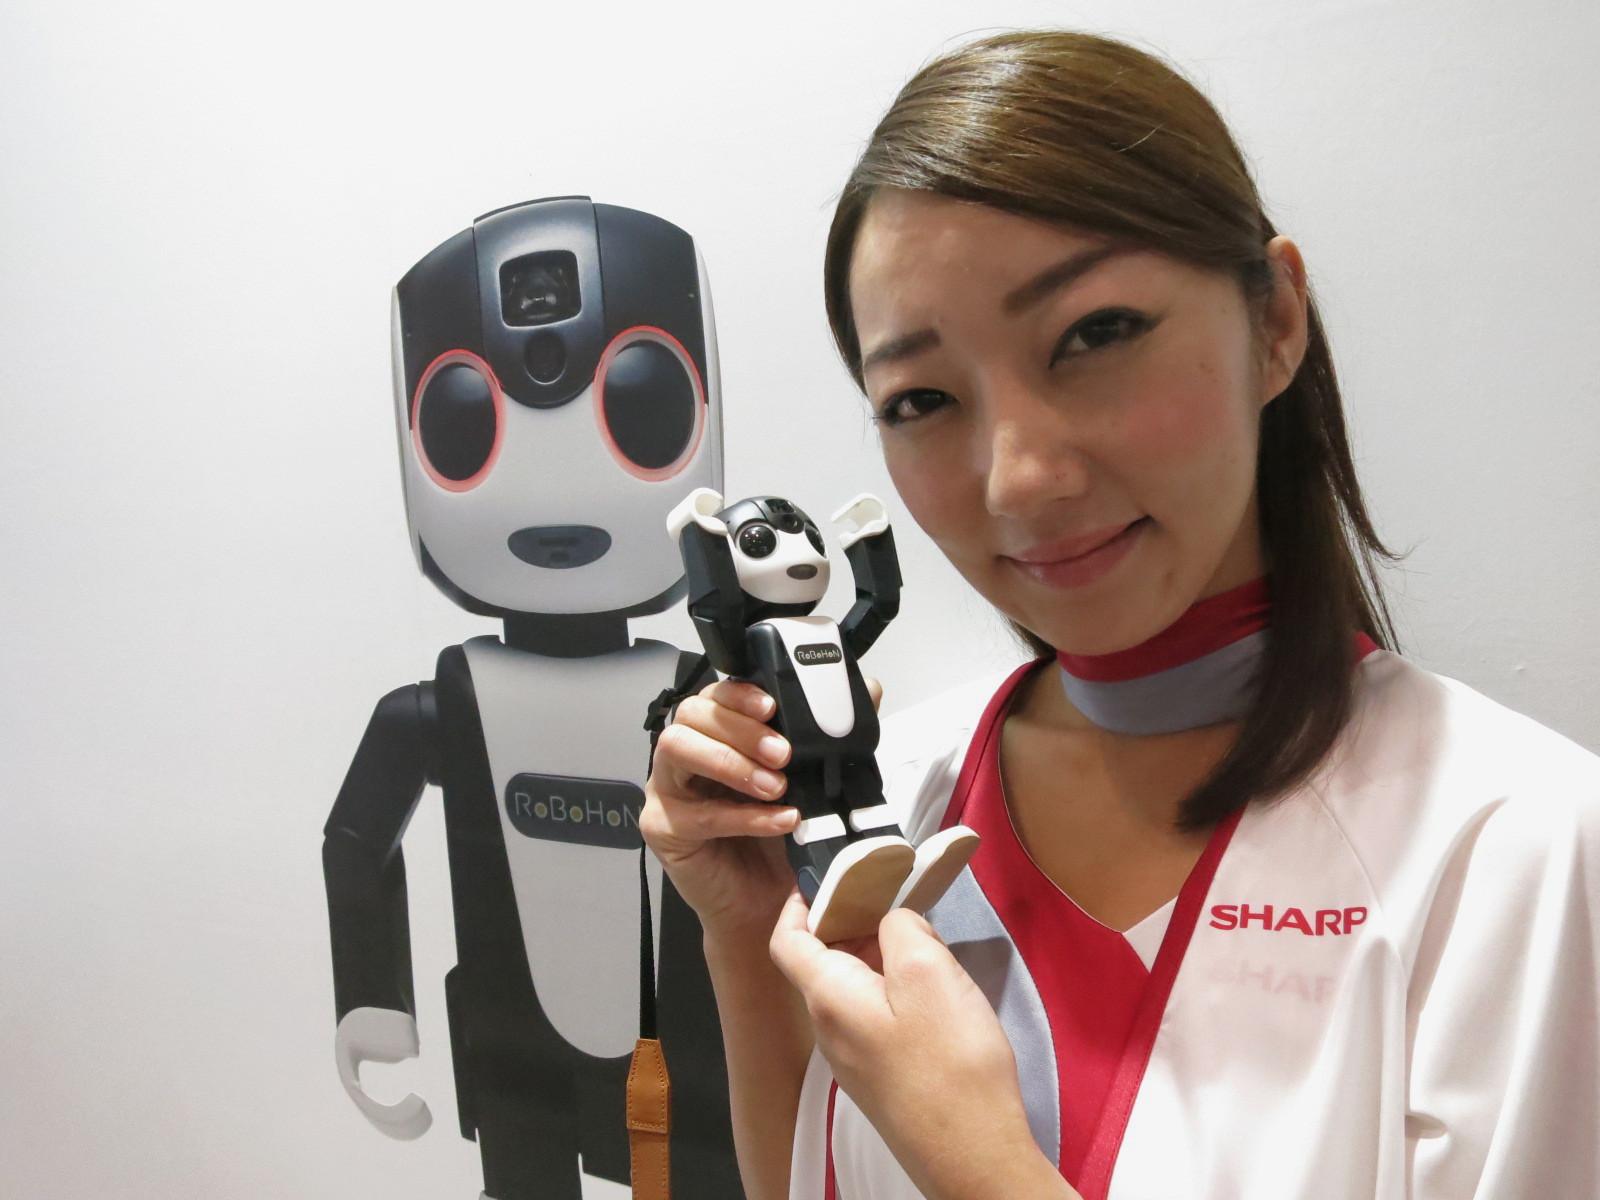 治癒系 機械人電話 |RoBoHoN影相鬧鐘投影機全兼任